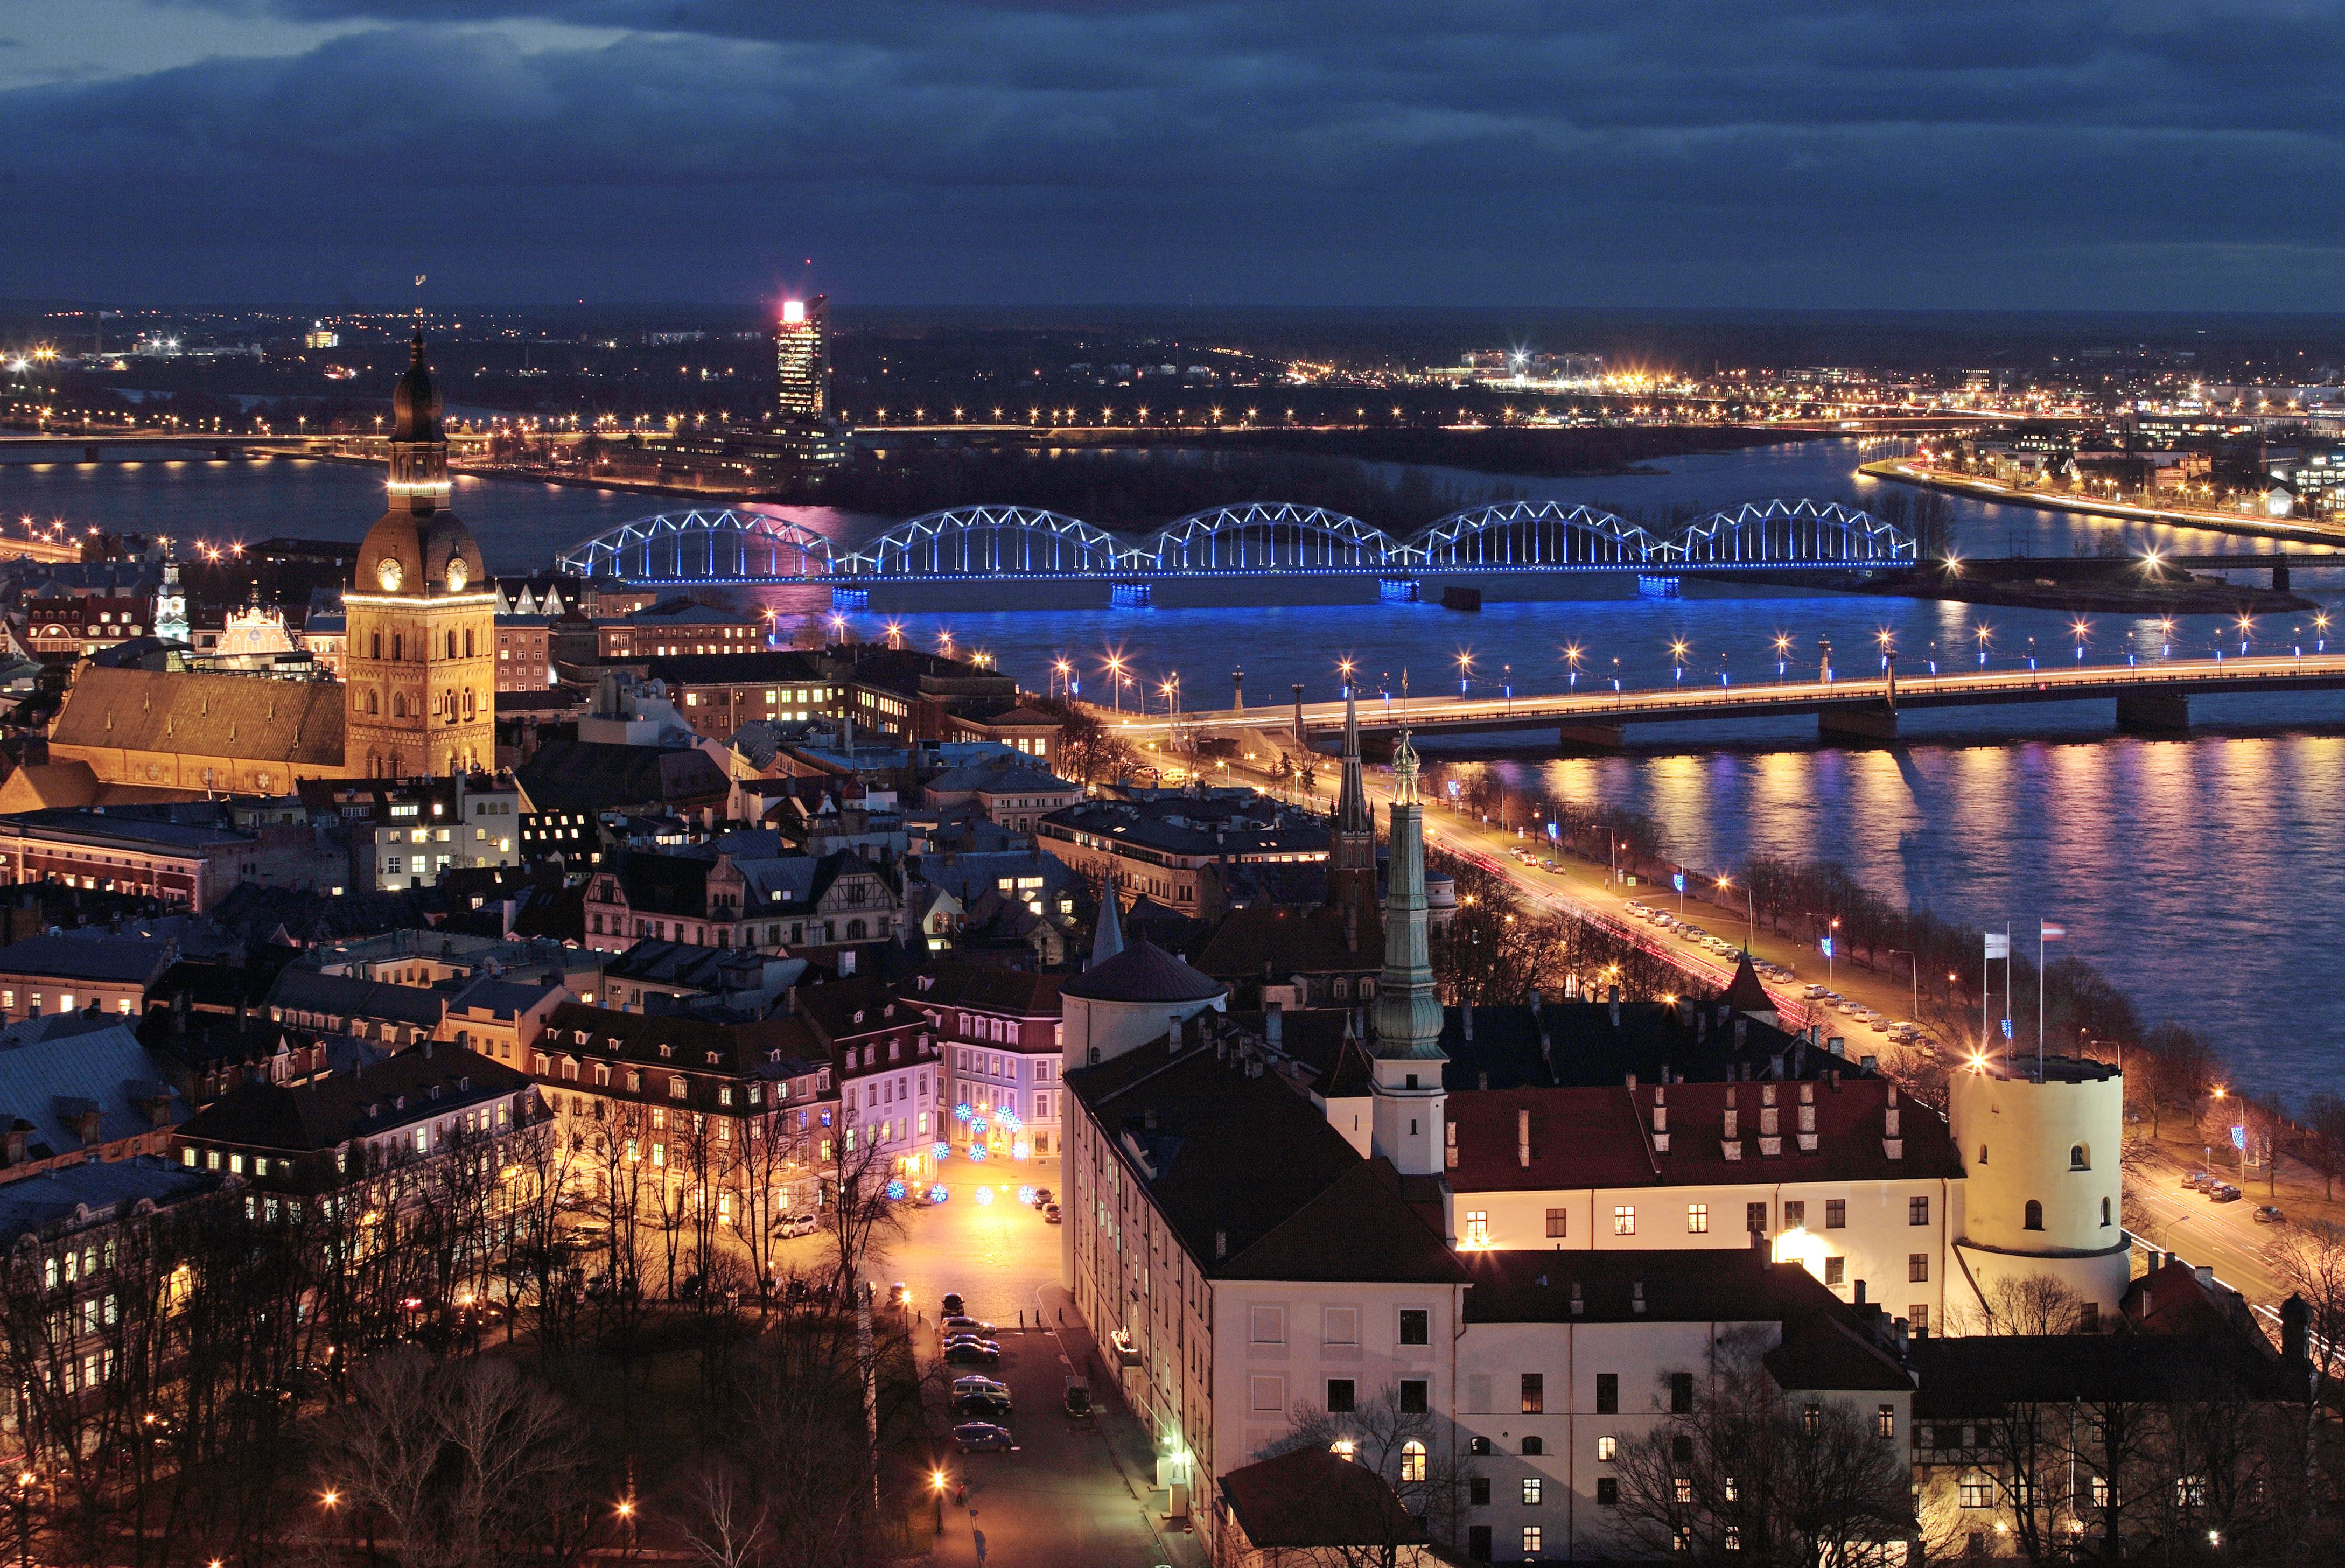 Sylwester na promie - Kraje Bałtyckie